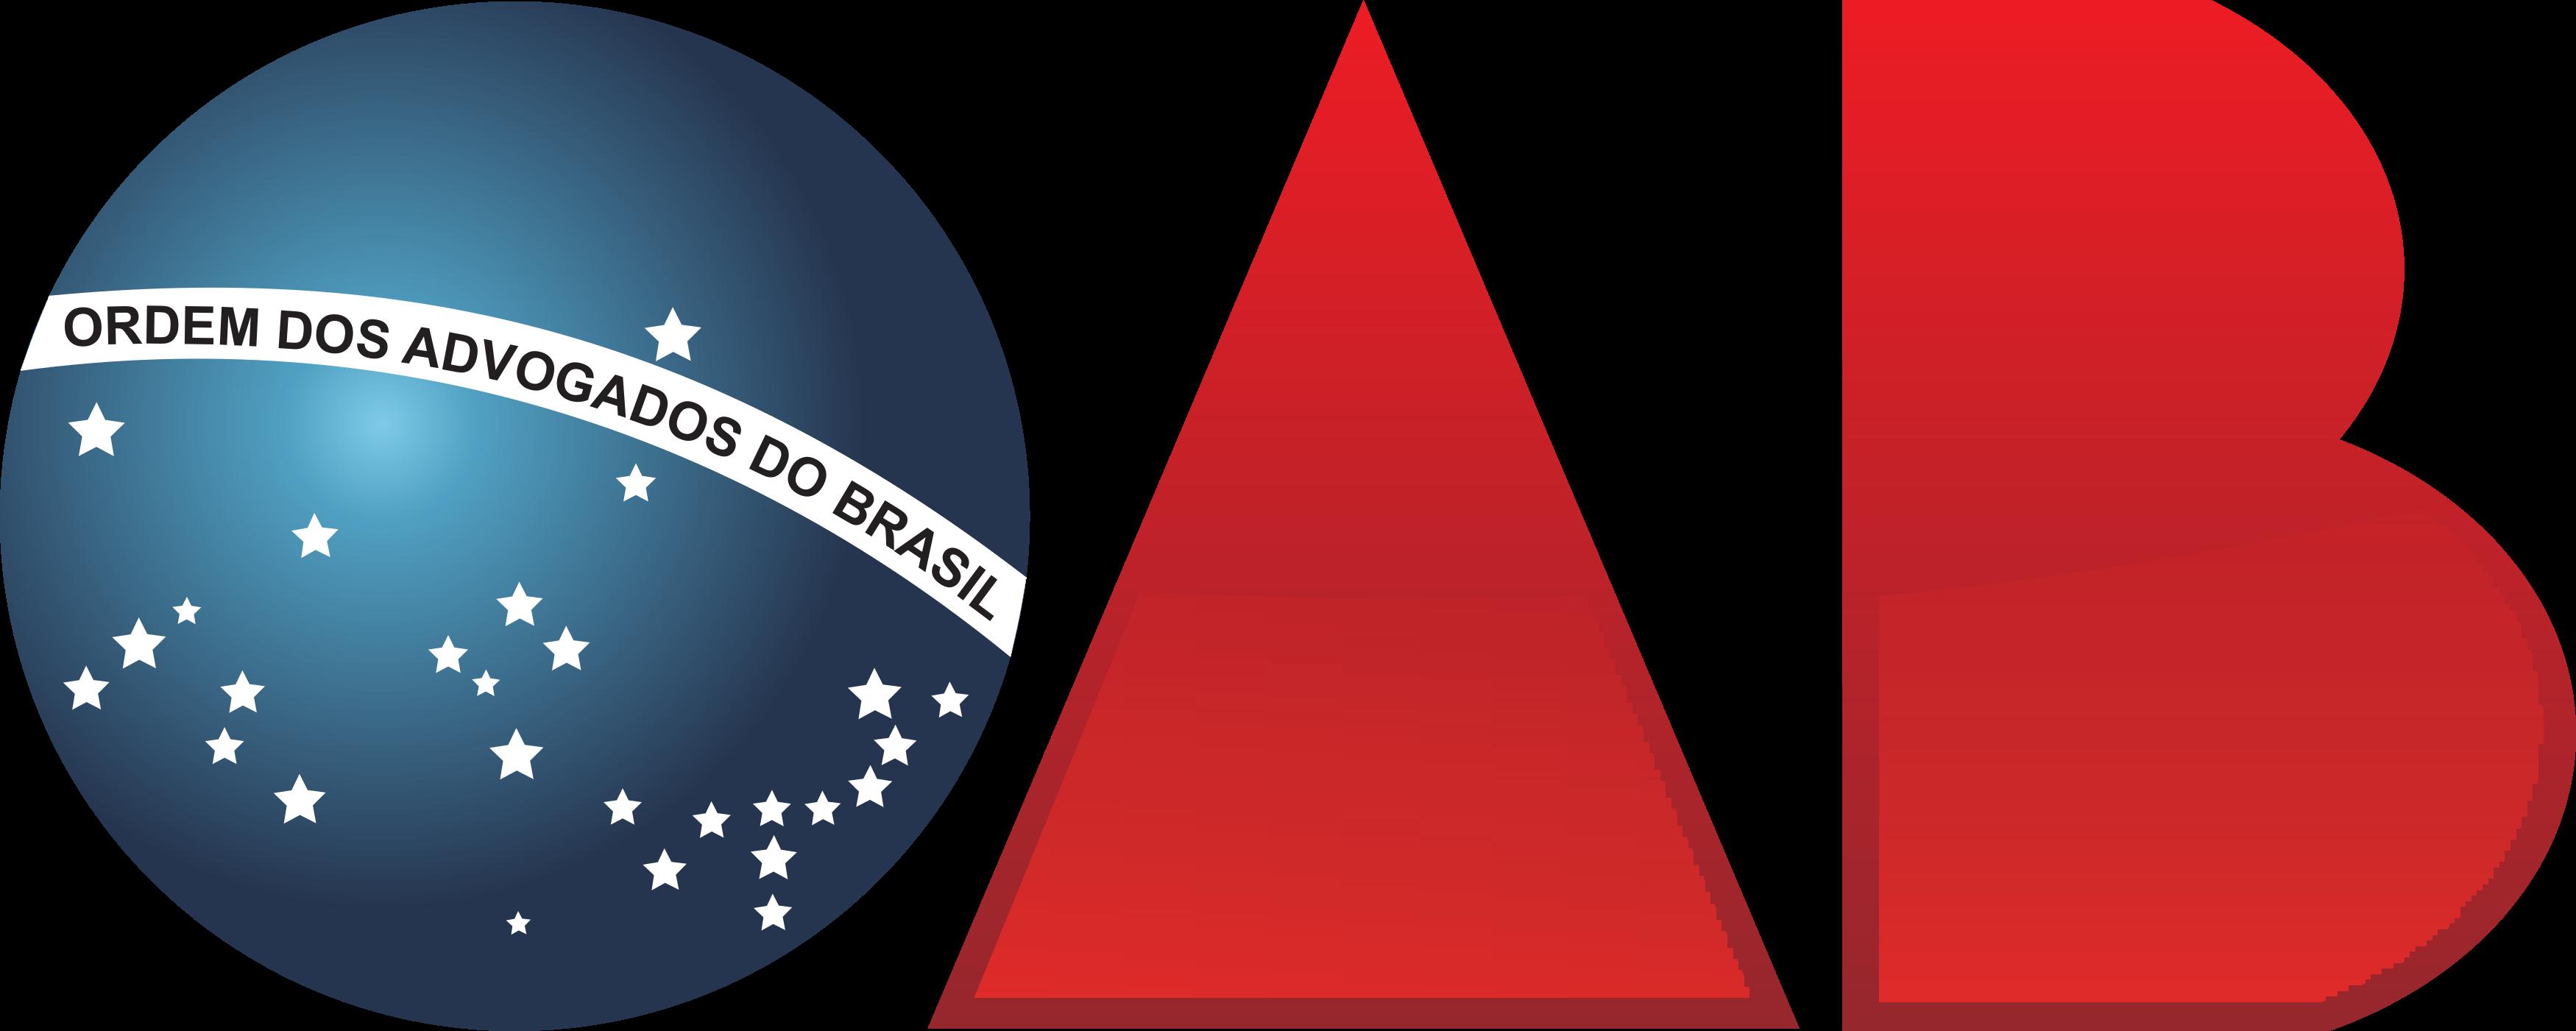 Resultado de imagem para Logo da OAB